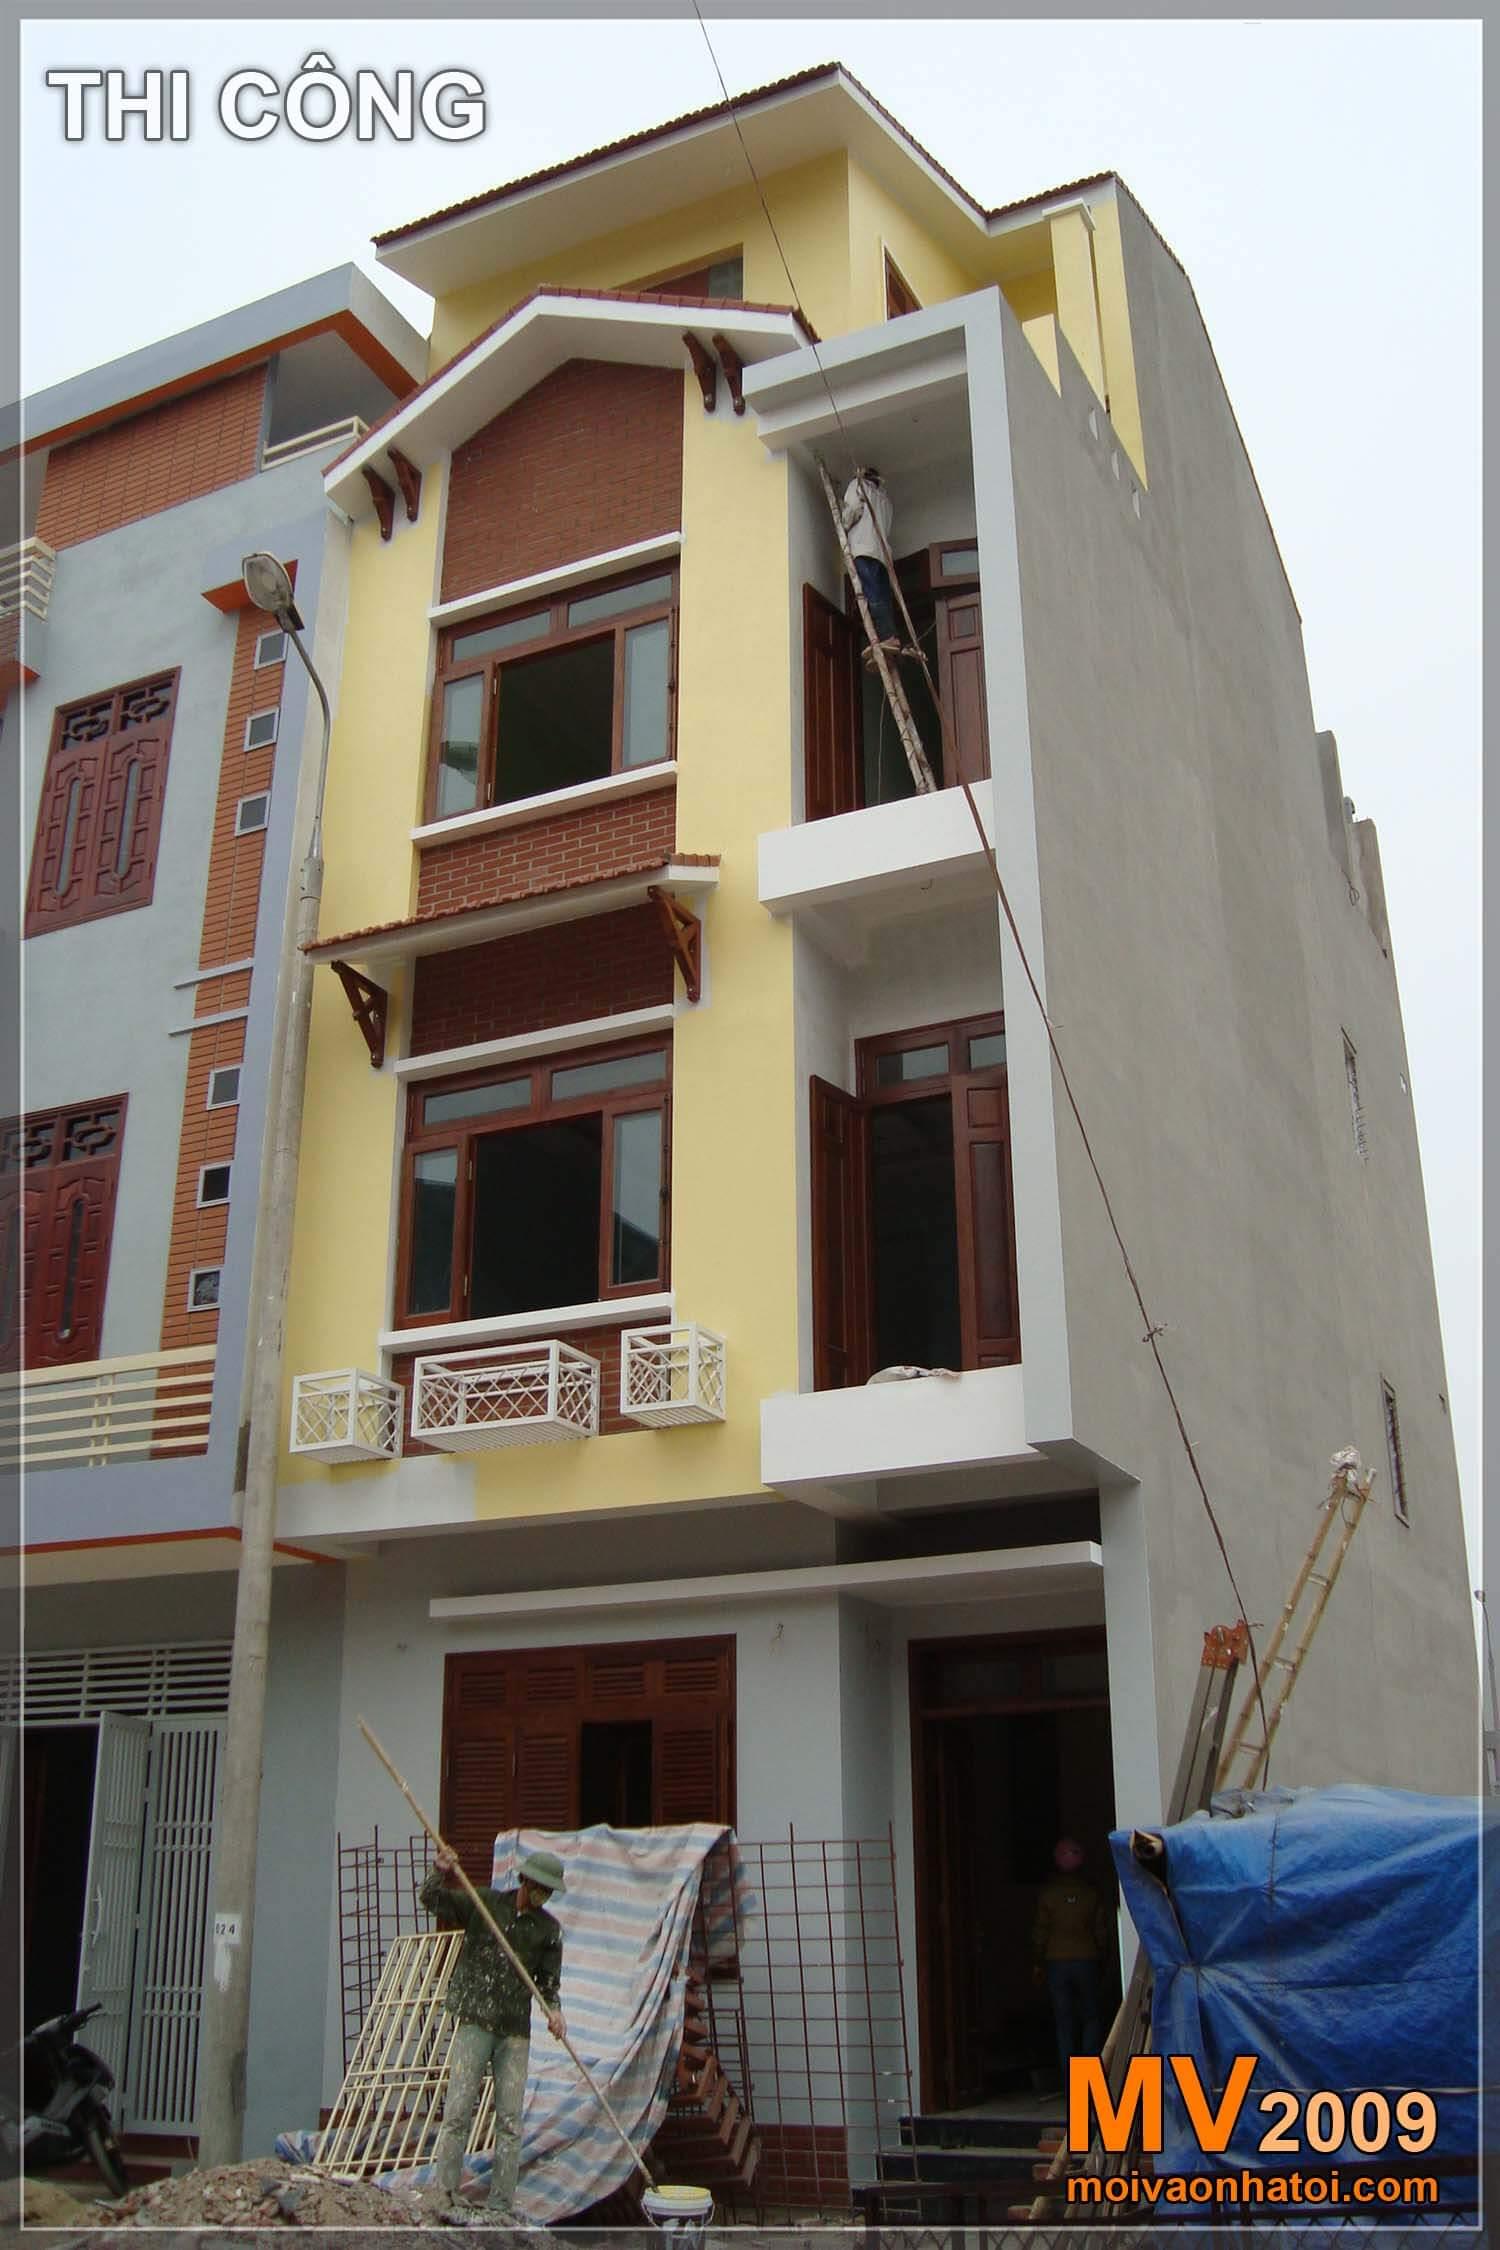 Mặt tiền nhà phố trong quá trình hoàn thiện